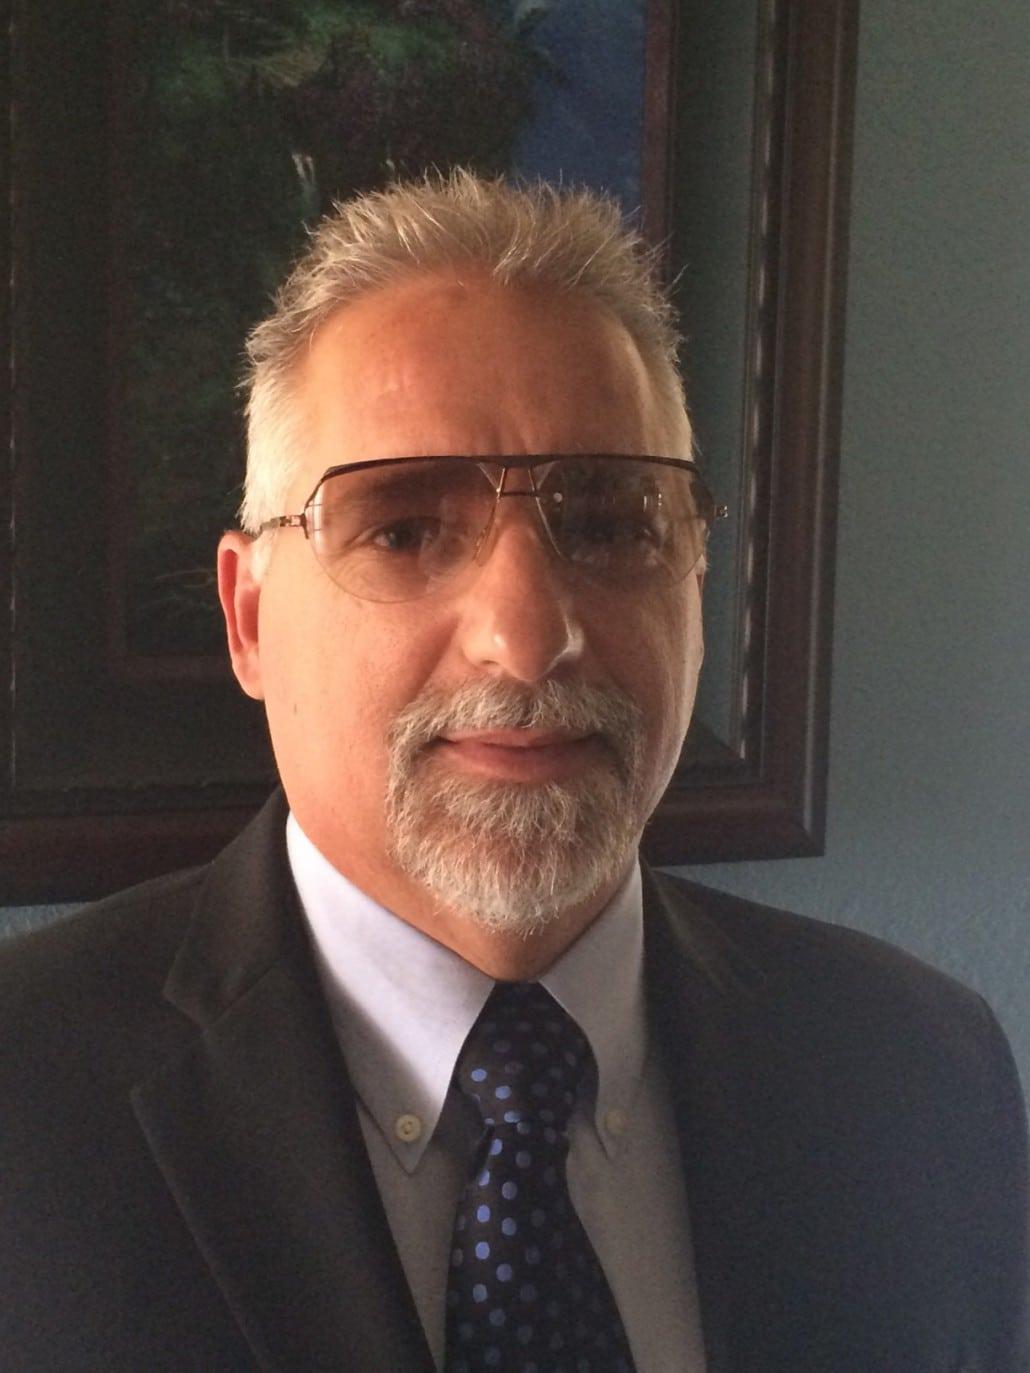 Michael Paglia